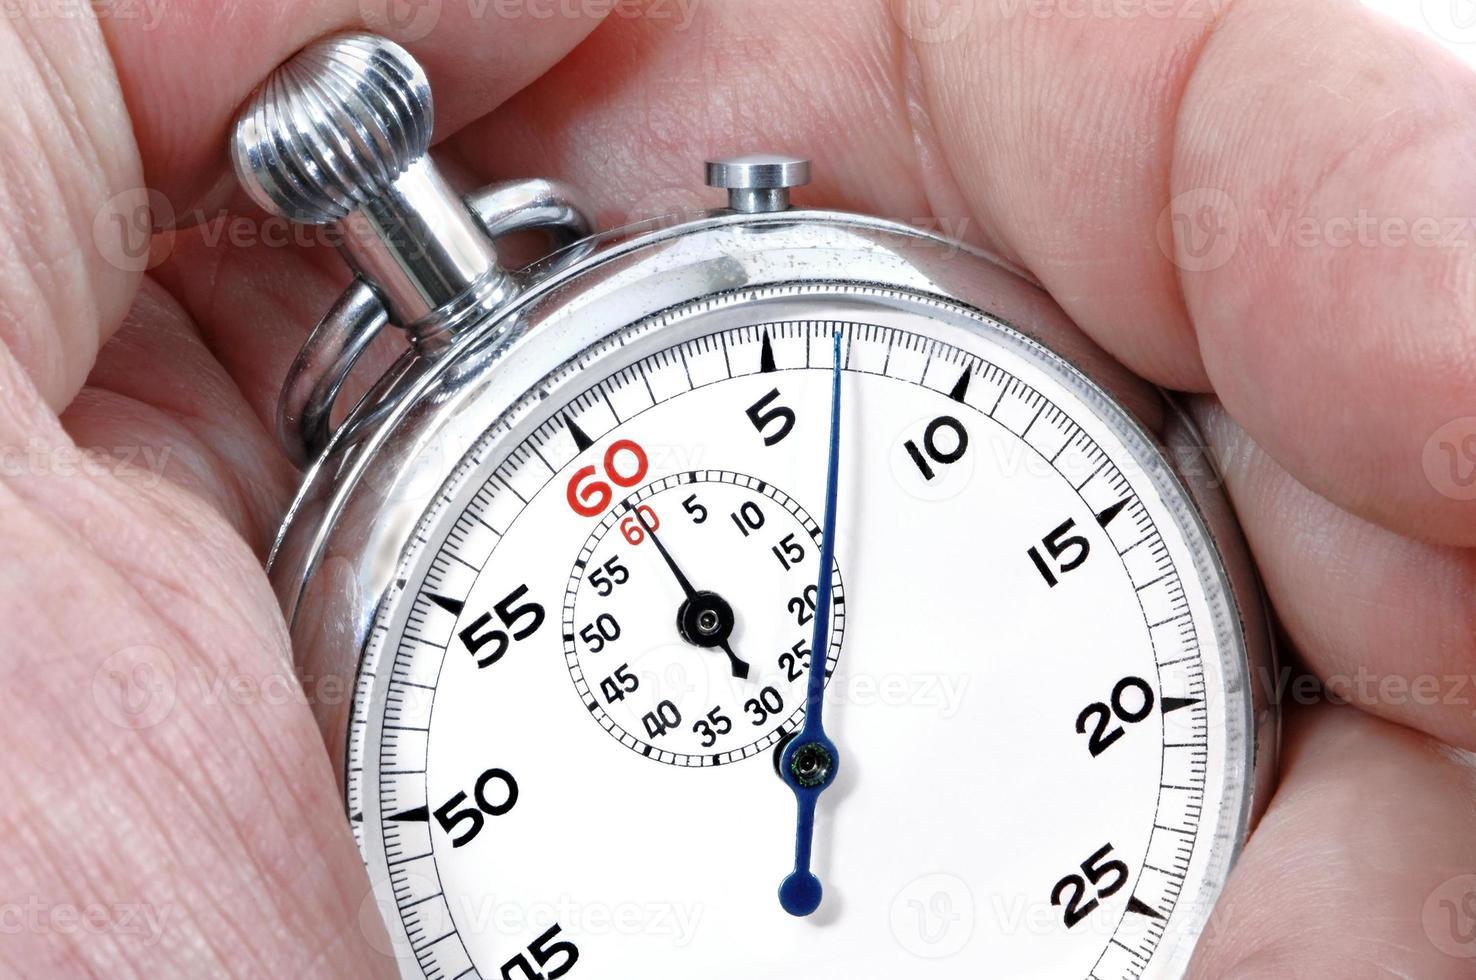 cronômetro em uma mão foto